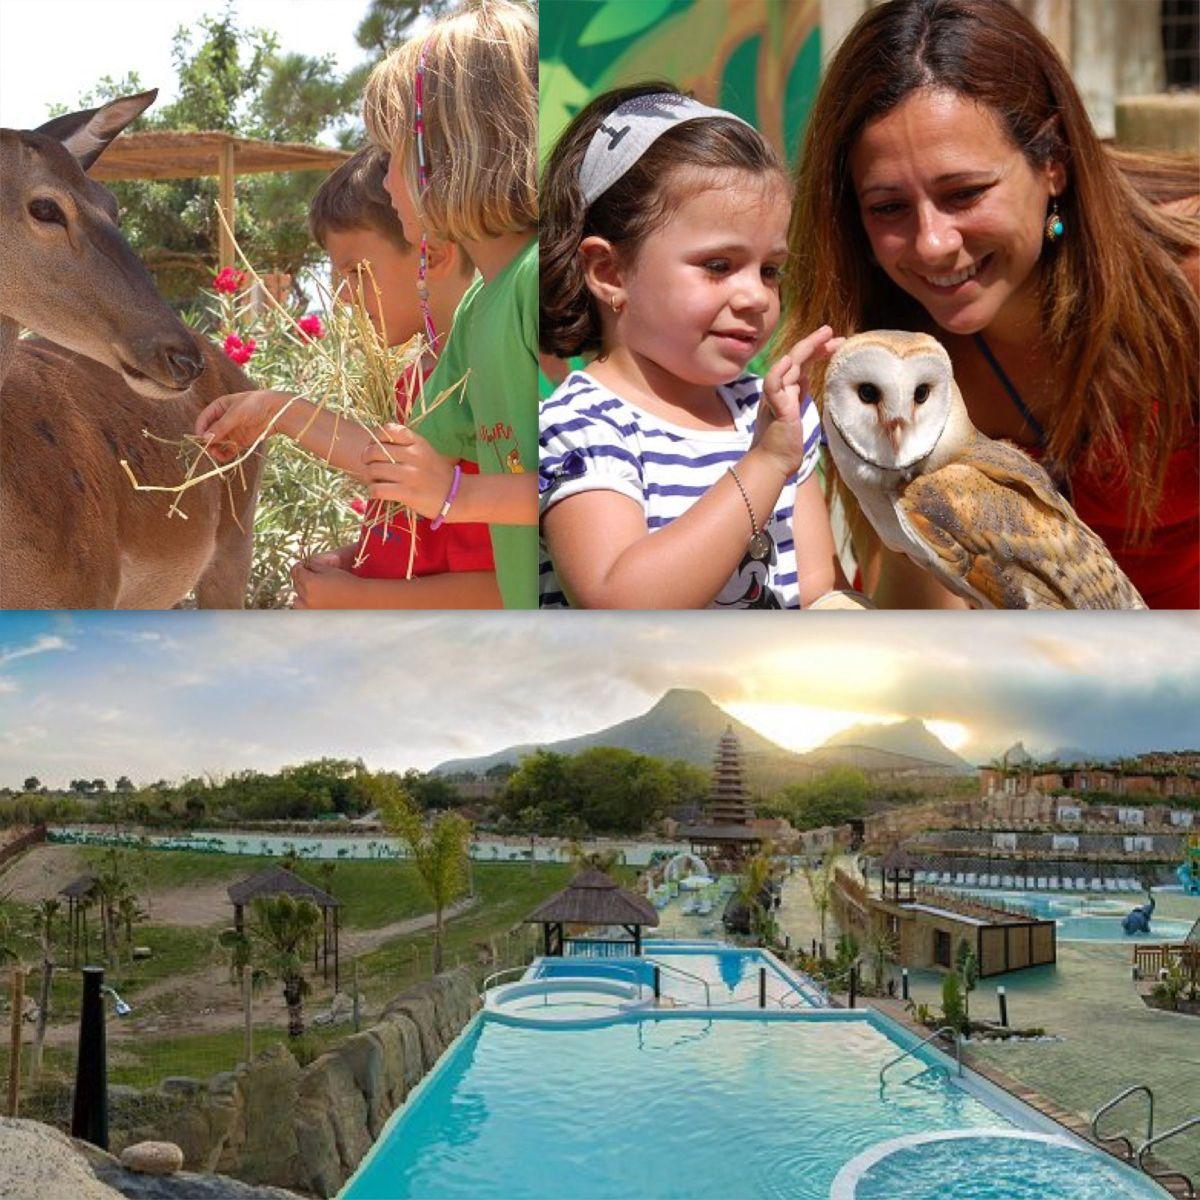 Un hotel entre animales y parque acuático